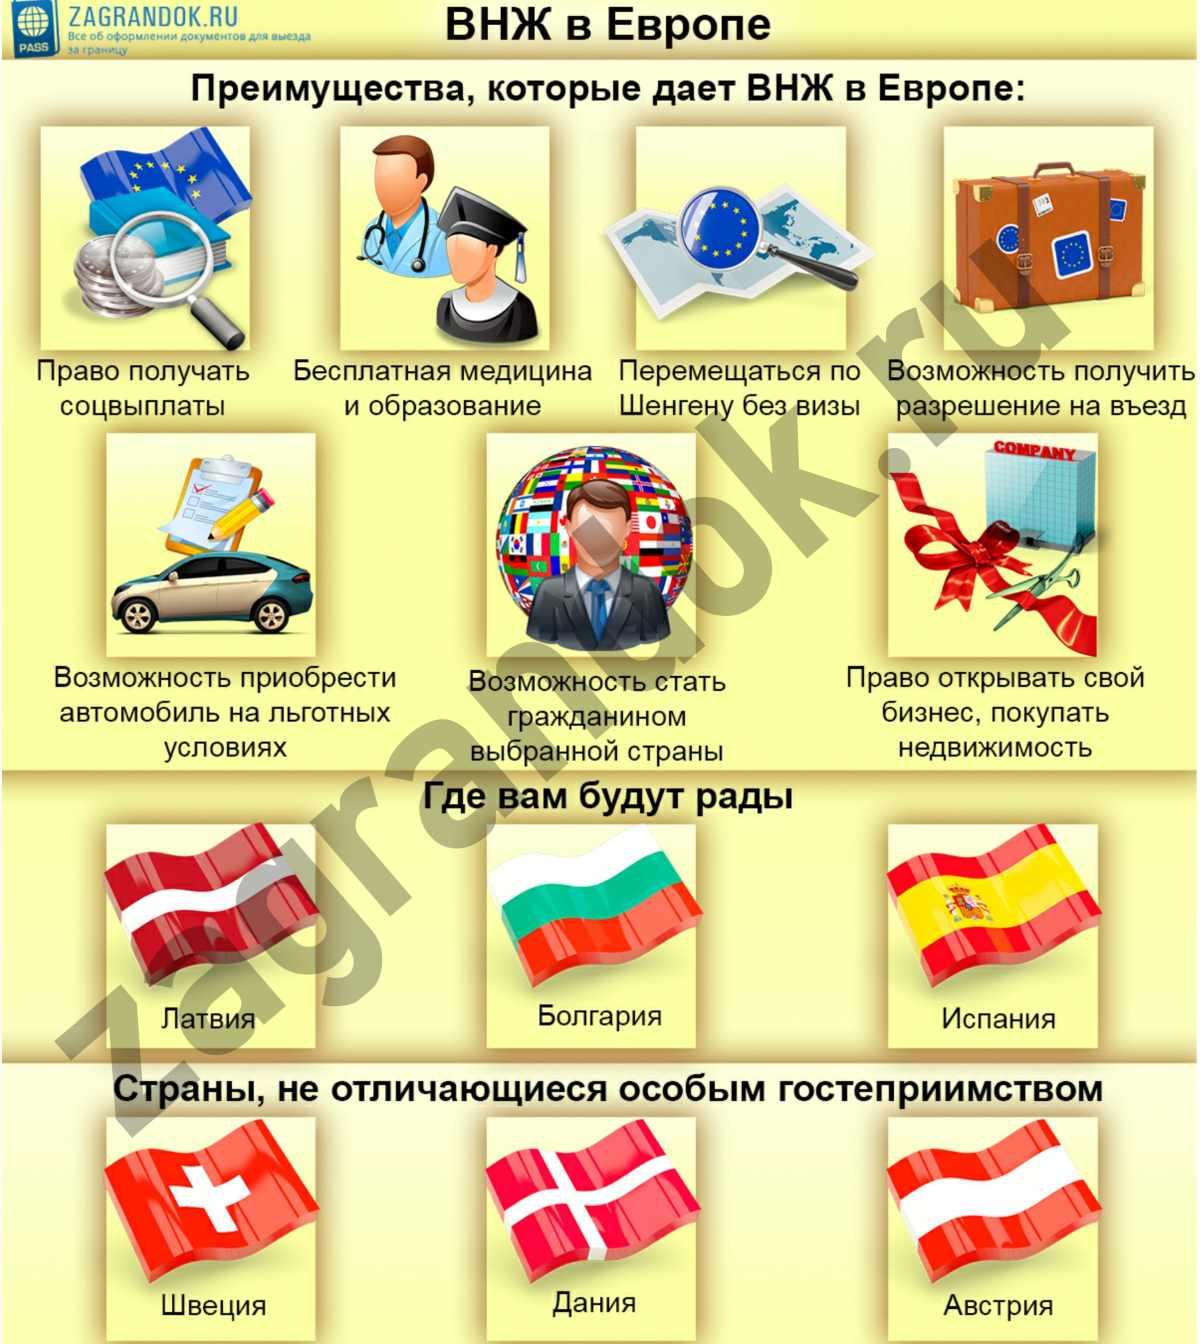 ВНЖ в Европе